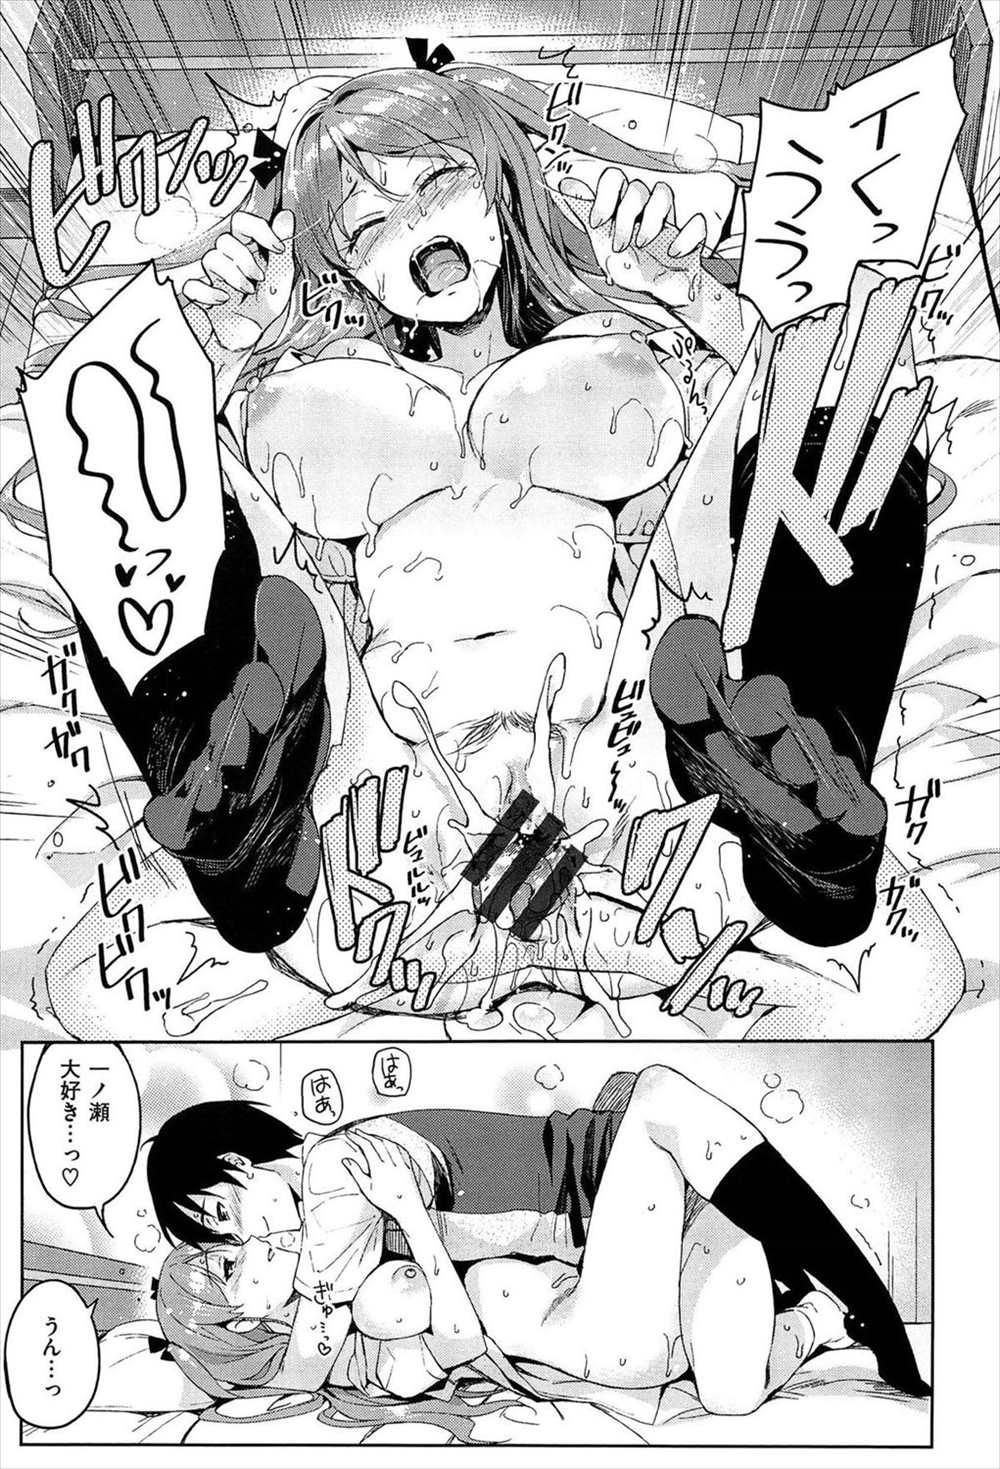 【エロ漫画】合法的に子作りセックスOk!!?毎日3人以上の異性とセックスしまくって相性調べちゃうwwww